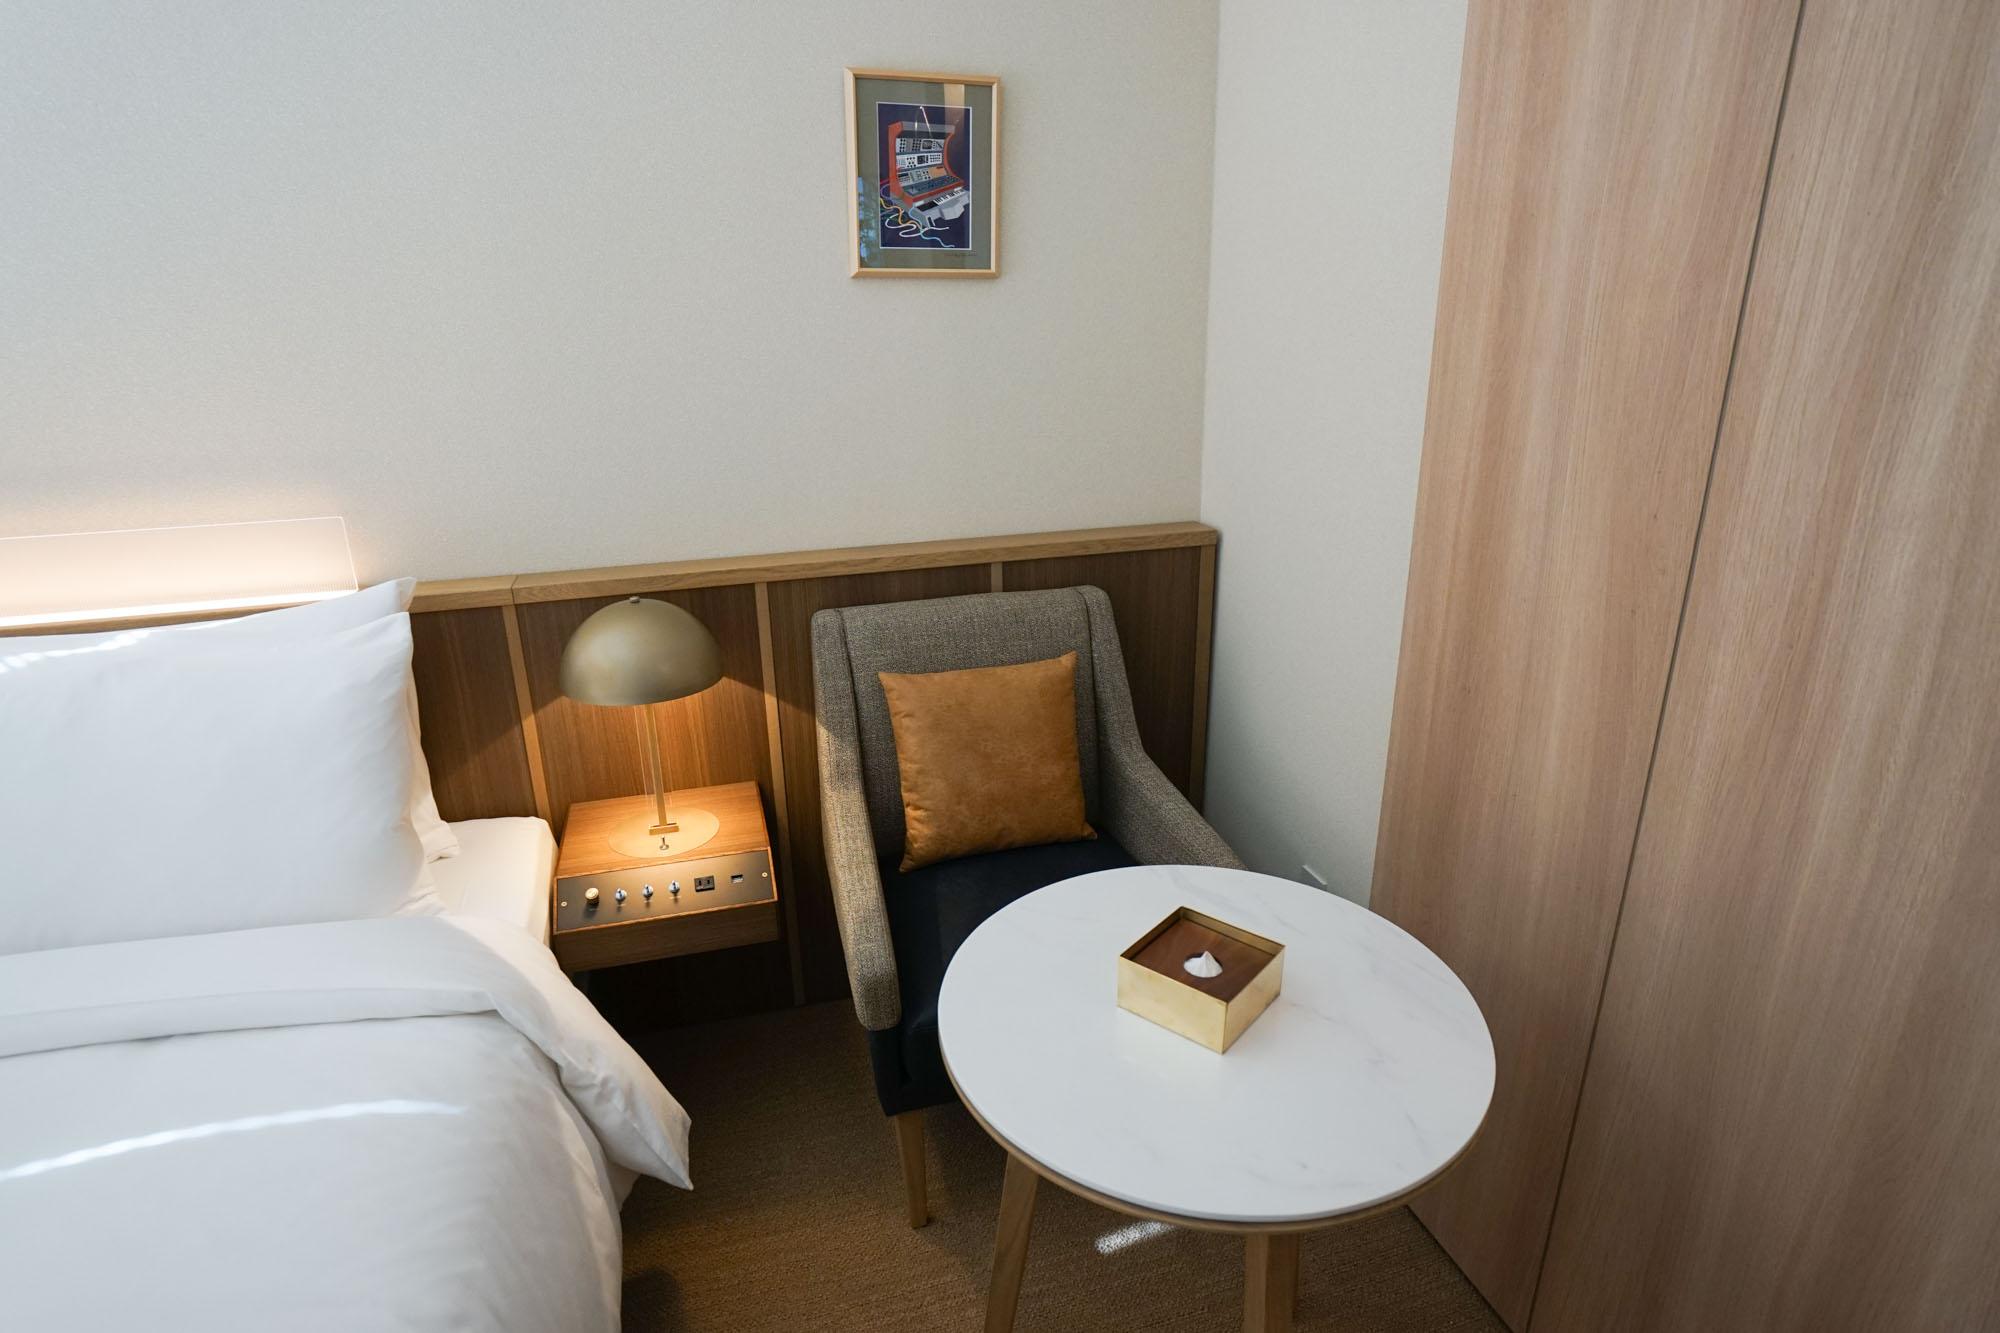 ベッドサイドには、ちょうど良い高さのテーブルとソファがあり、集中して仕事ができます。